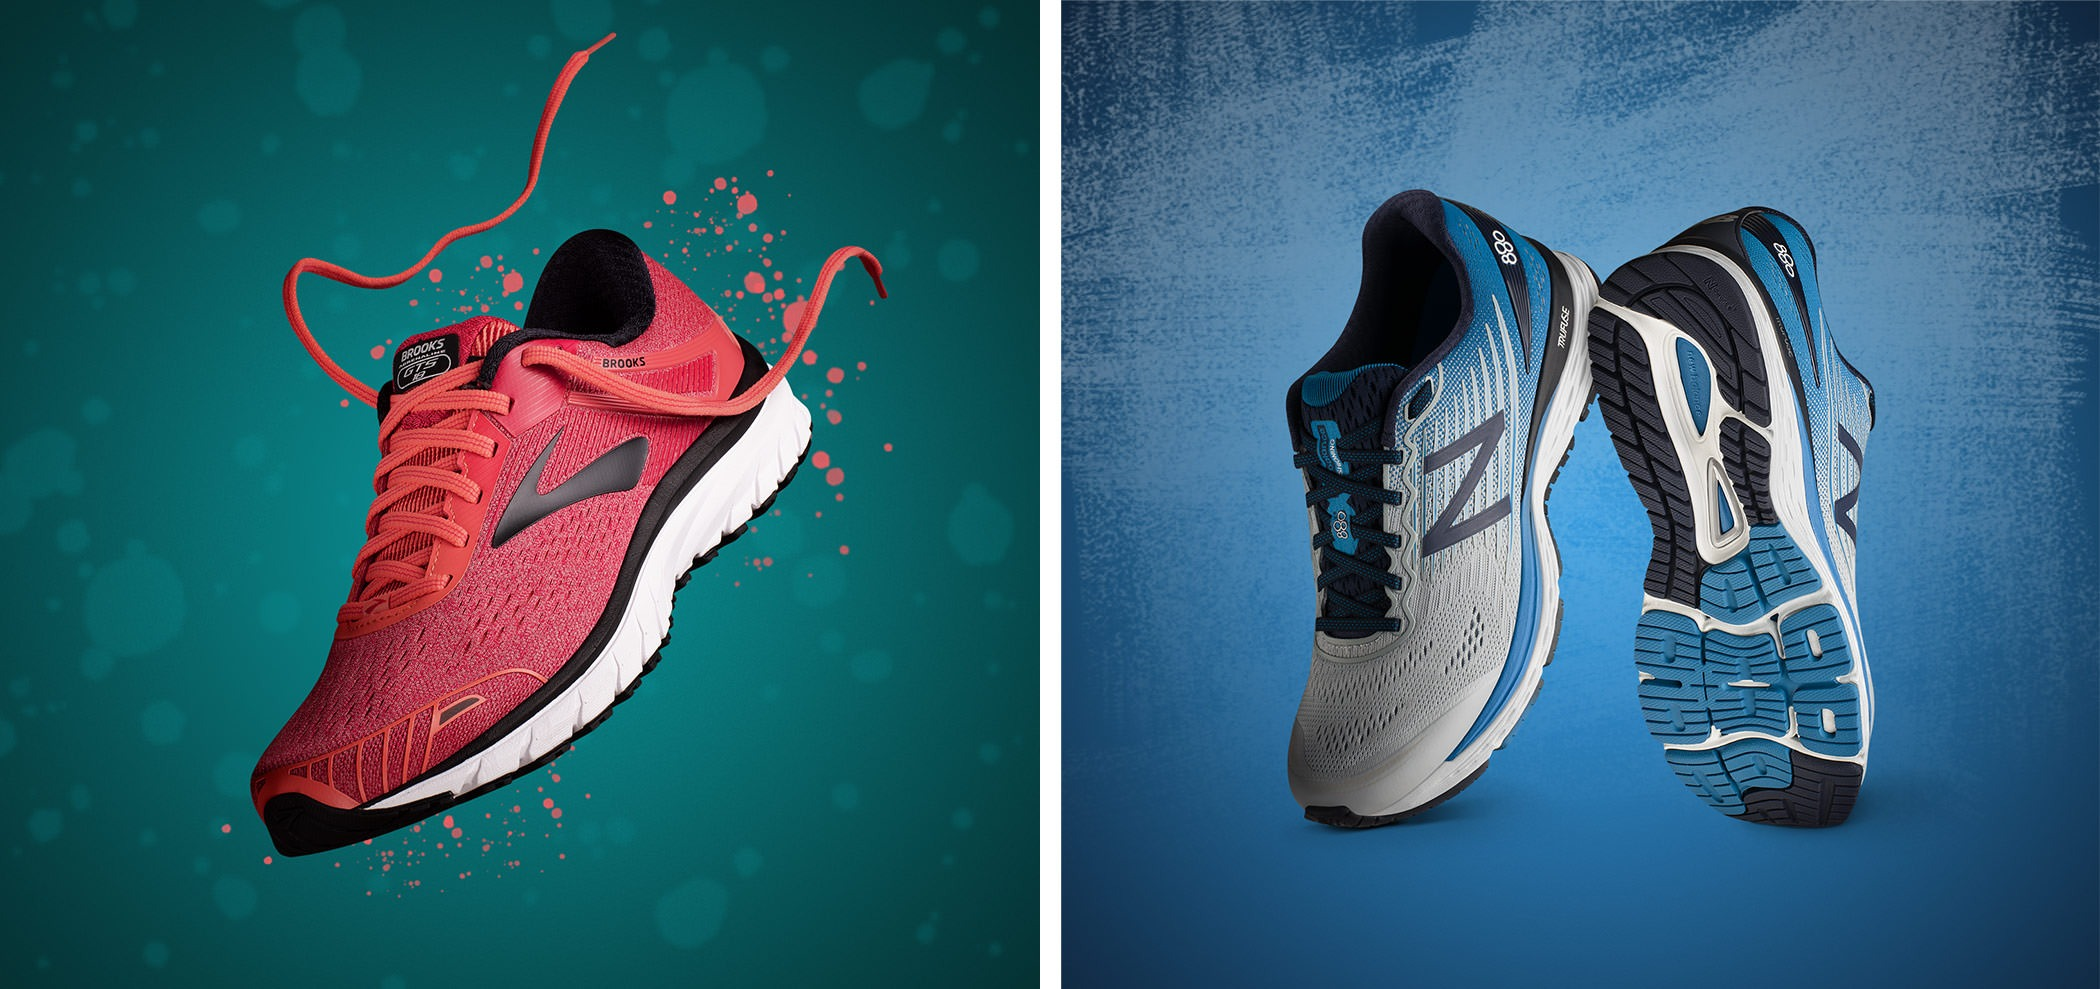 Foto prodotto scarpe sportive